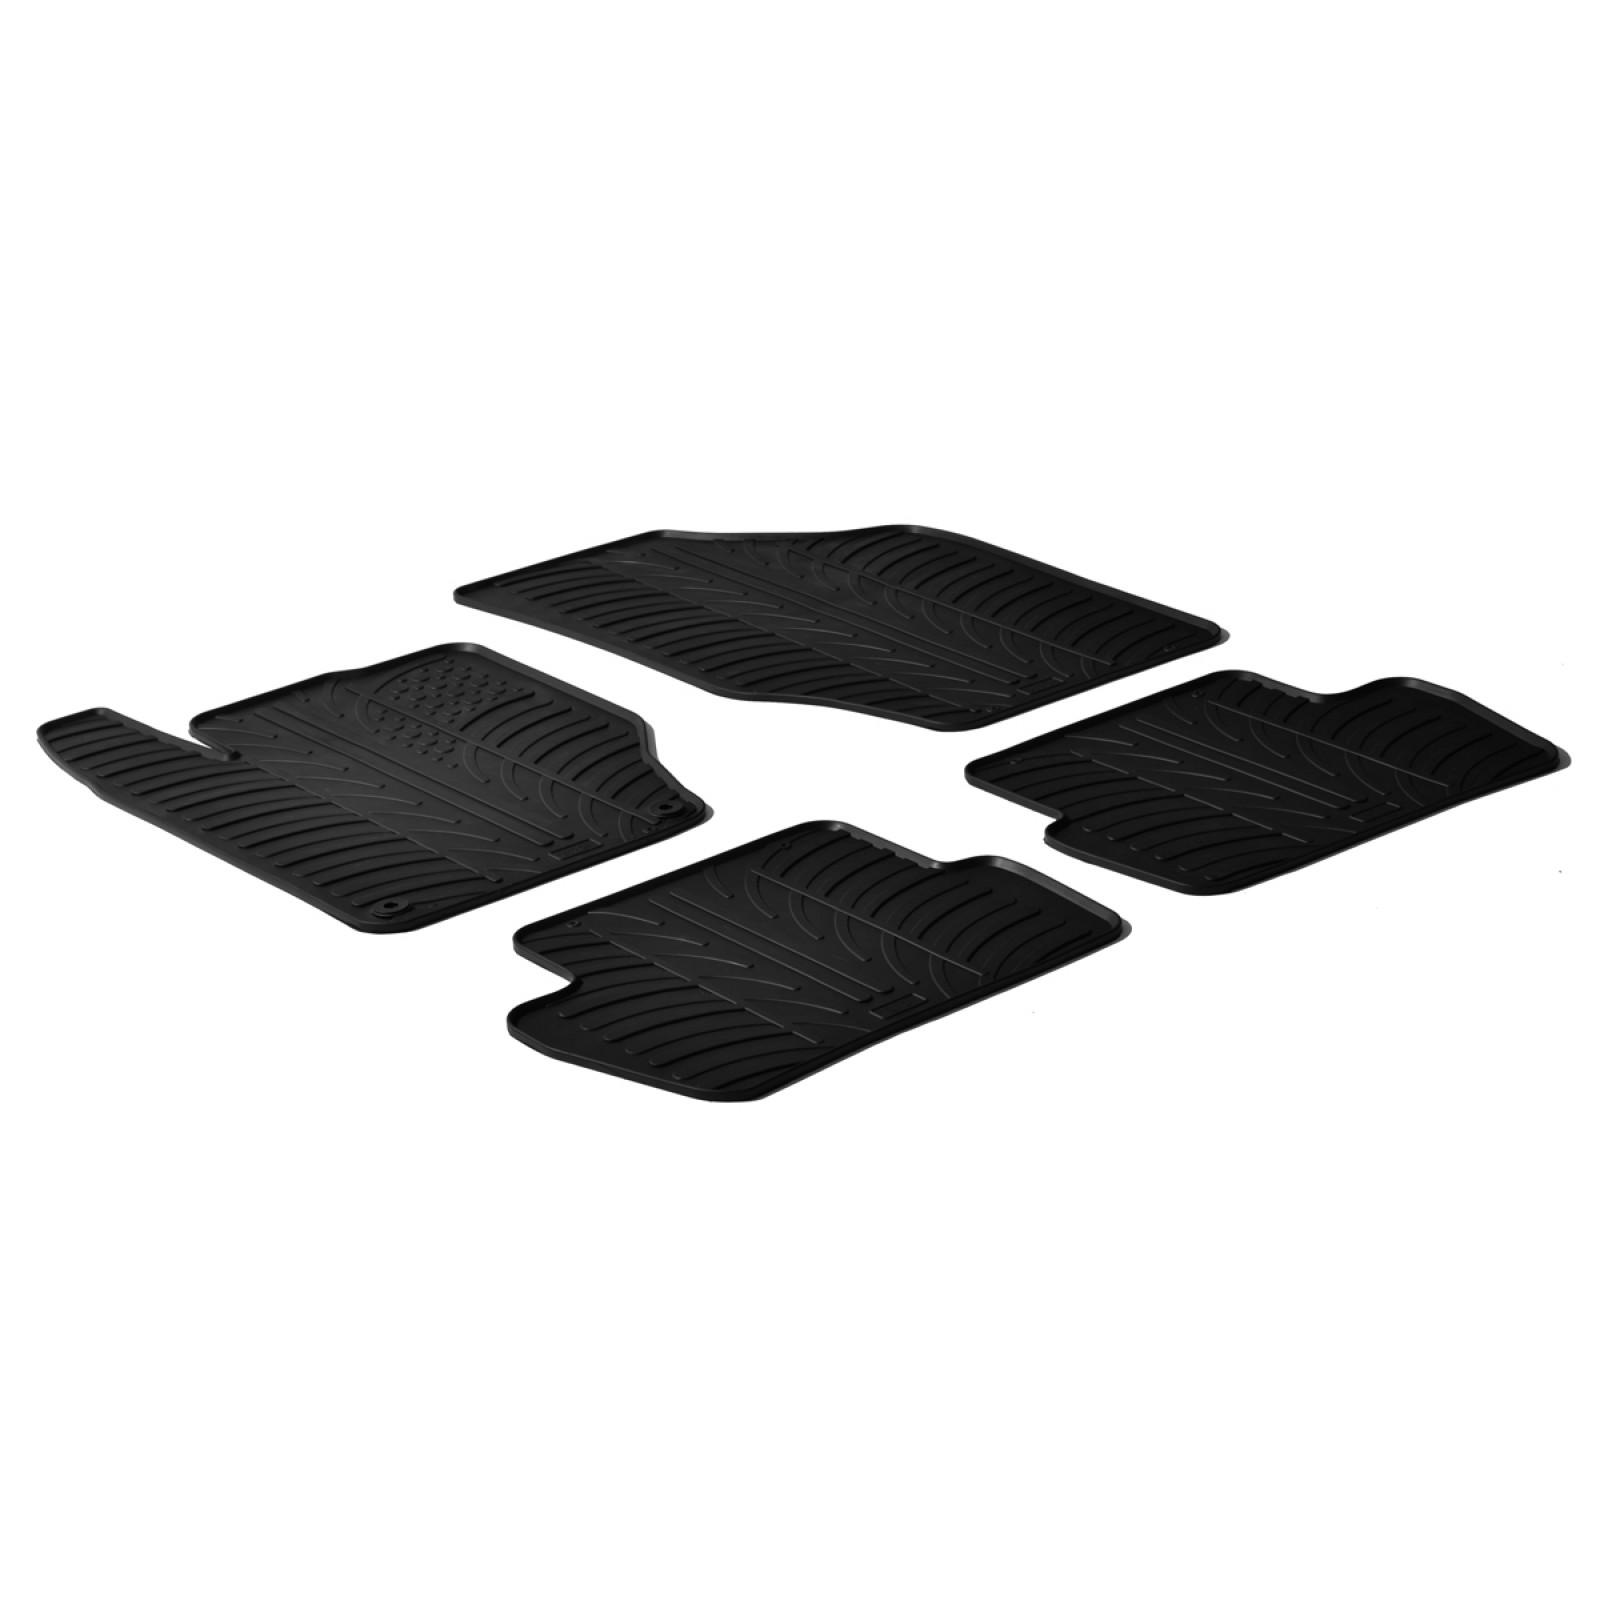 tapis en caoutchouc pour citroen c4 ds4 5 portes. Black Bedroom Furniture Sets. Home Design Ideas